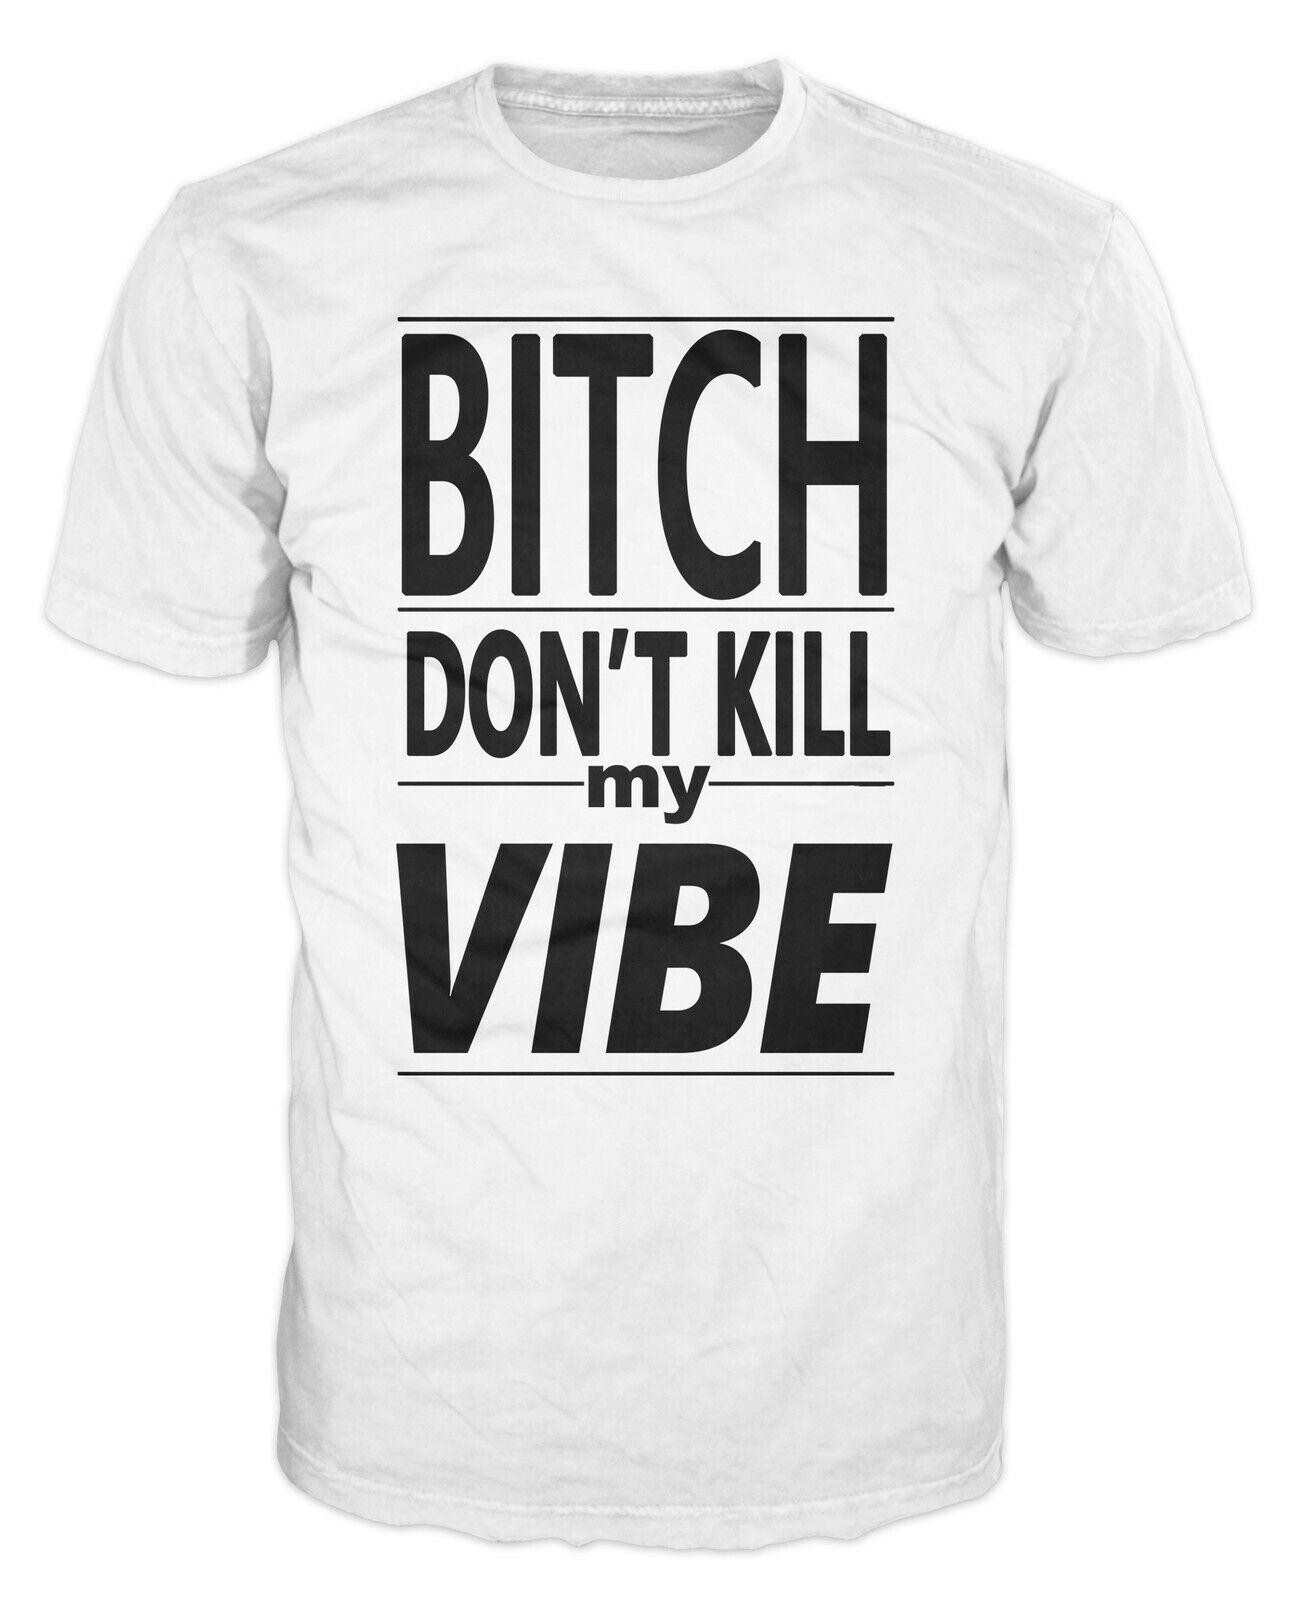 Bitch dont kill my VIBE VEST TANK hipster drake TUMBLR kendrick lamar T shirt